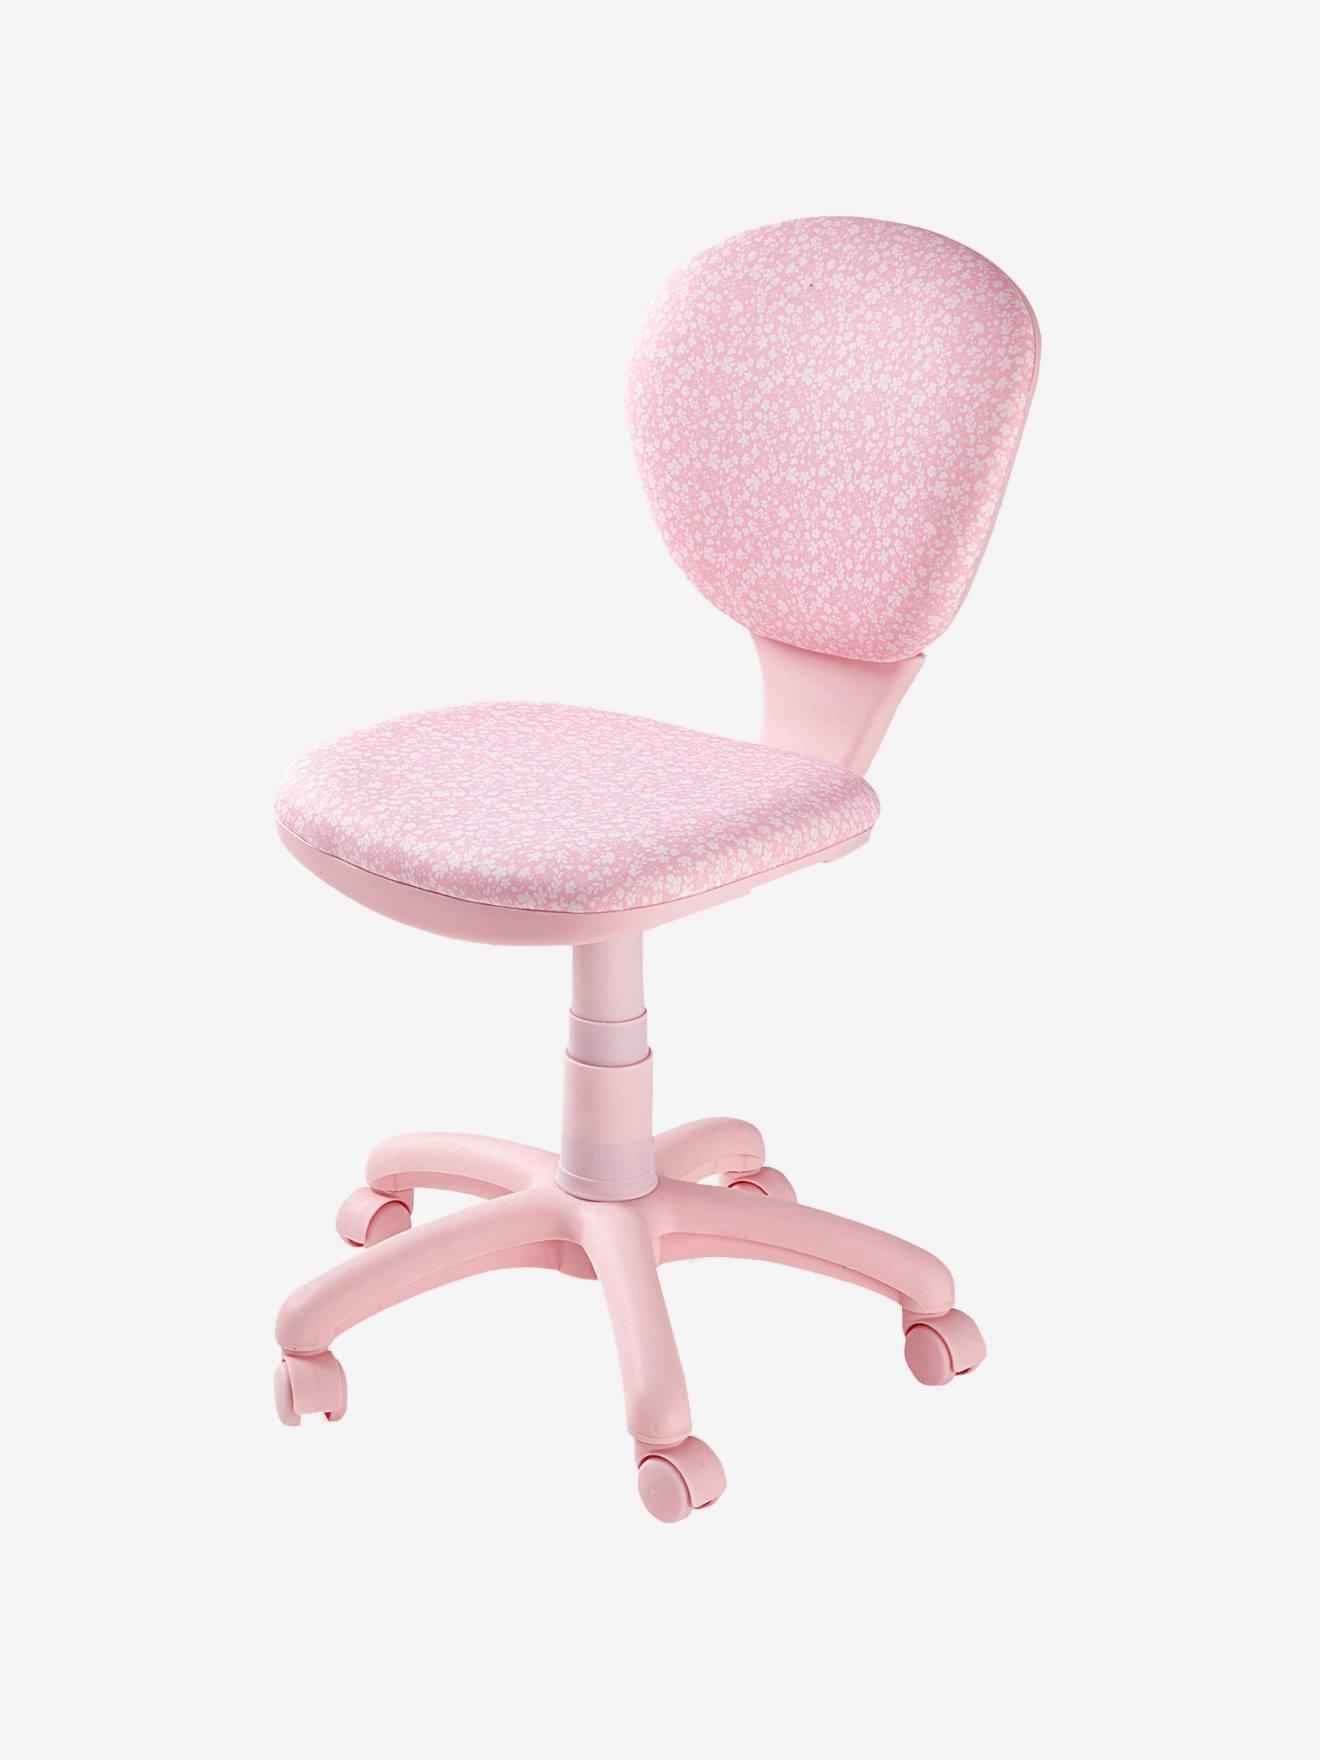 vertbaudet verstellbarer schreibtischstuhl mit rollen in rosa/blumen - Schreibtischstuhl Designs Lernen Kinderzimmer